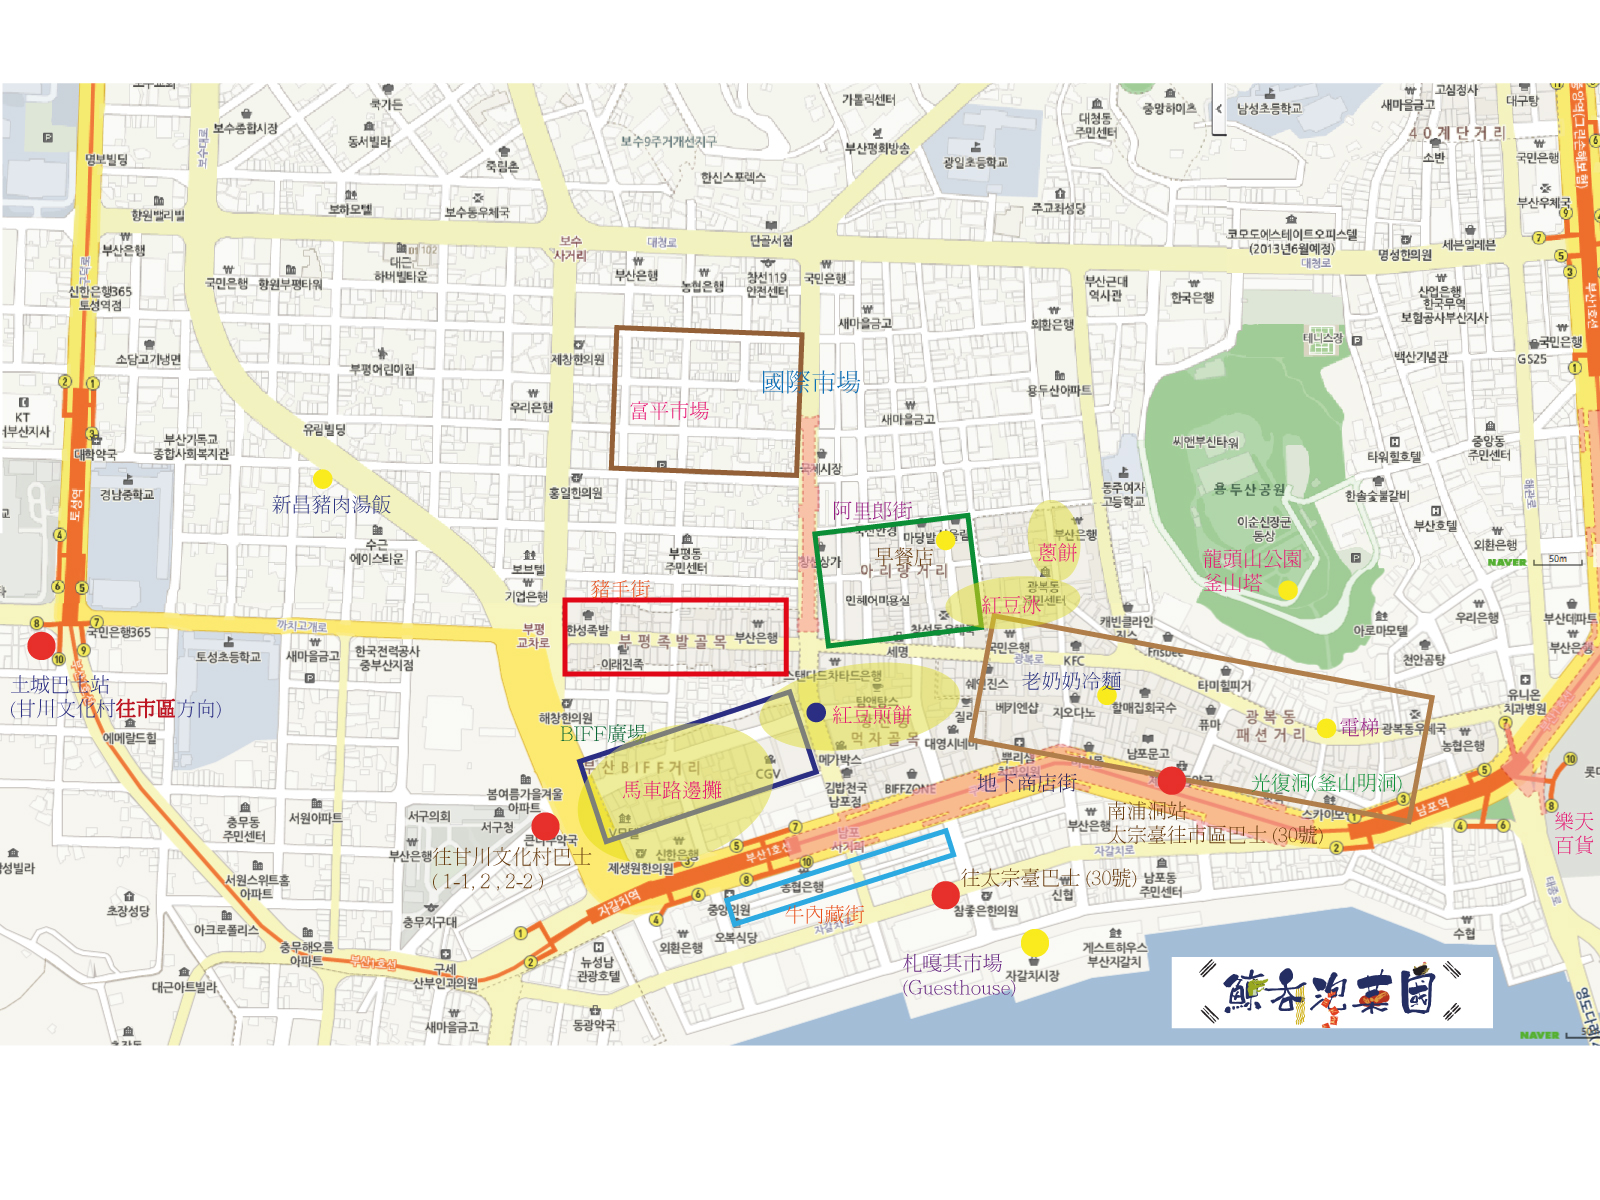 鯨吞泡菜國 : 釜山中區地圖